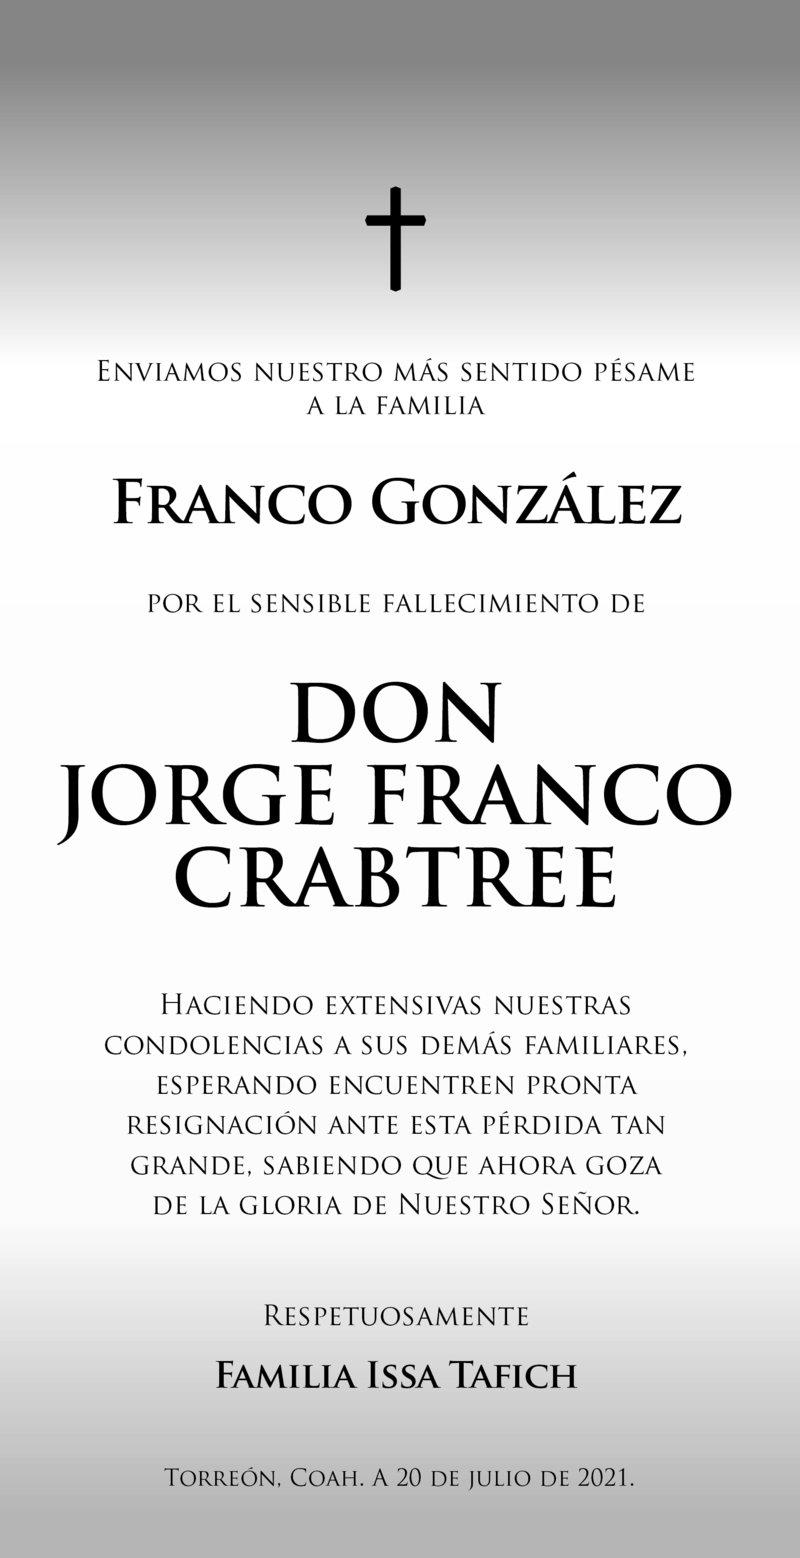 CONDOLENCIA: DON JORGE FRANCO CRABTREE. Familia Issa Tafich, expresa su más sentido pésame a la Familia Franco González por el fallecimiento de Don Jorge Franco Crabtree. Descanse en paz.